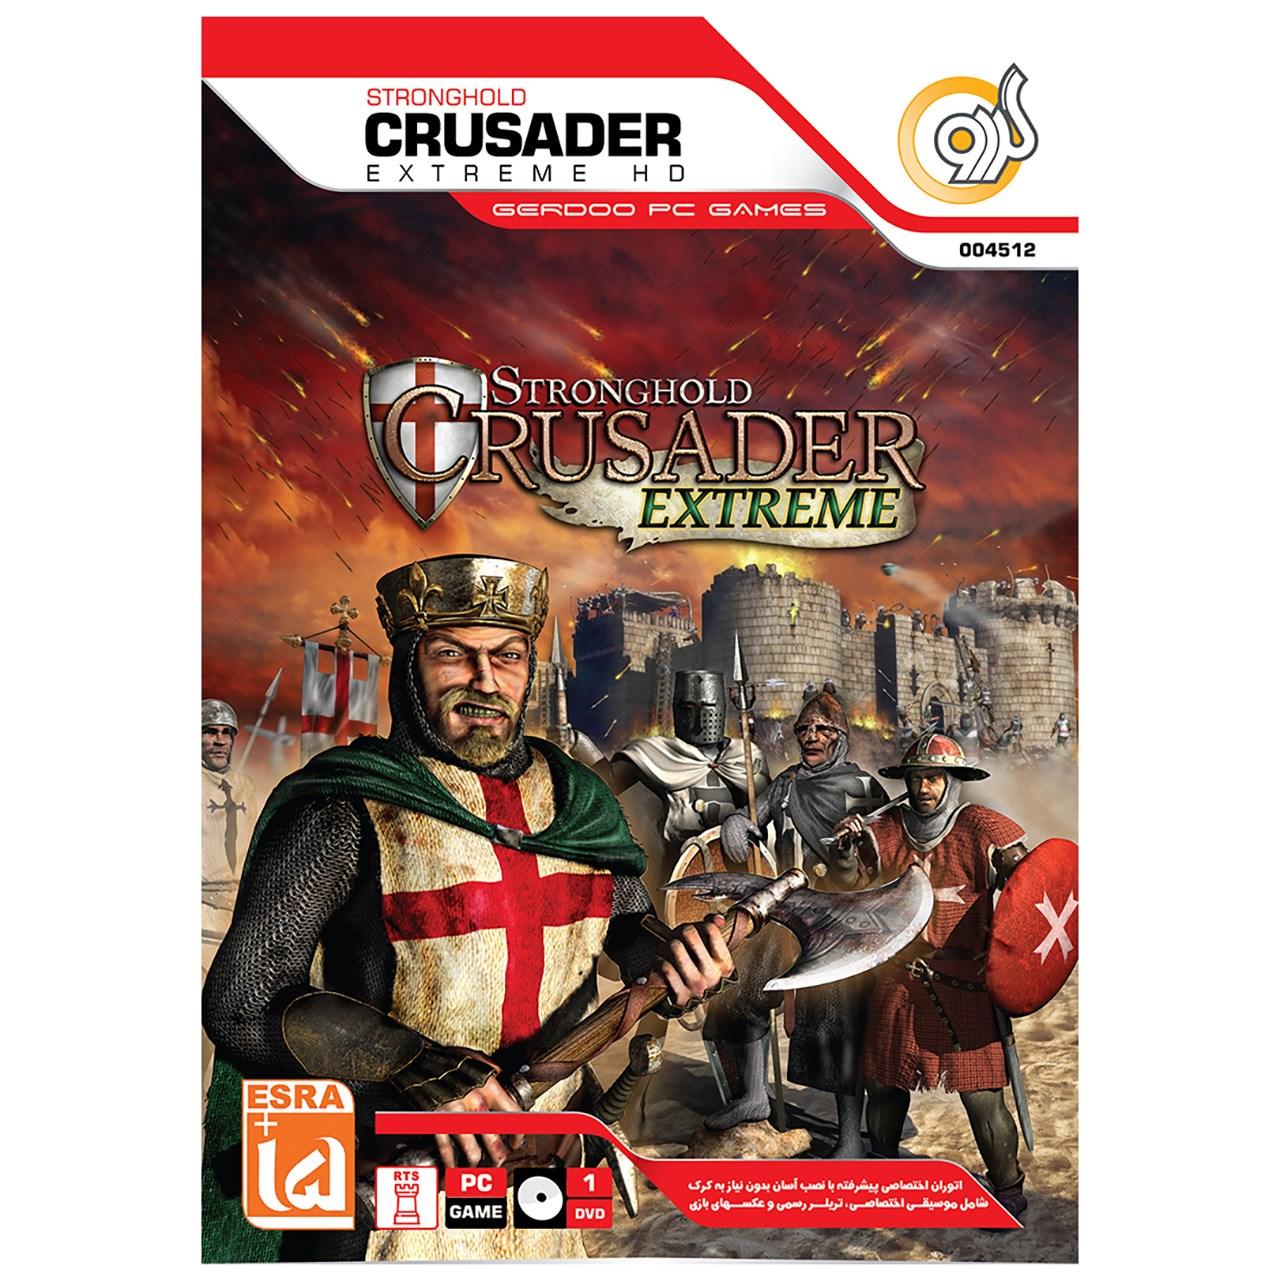 خرید اینترنتی بازی Stronghold: Crusader Extreme HD مخصوص PC اورجینال